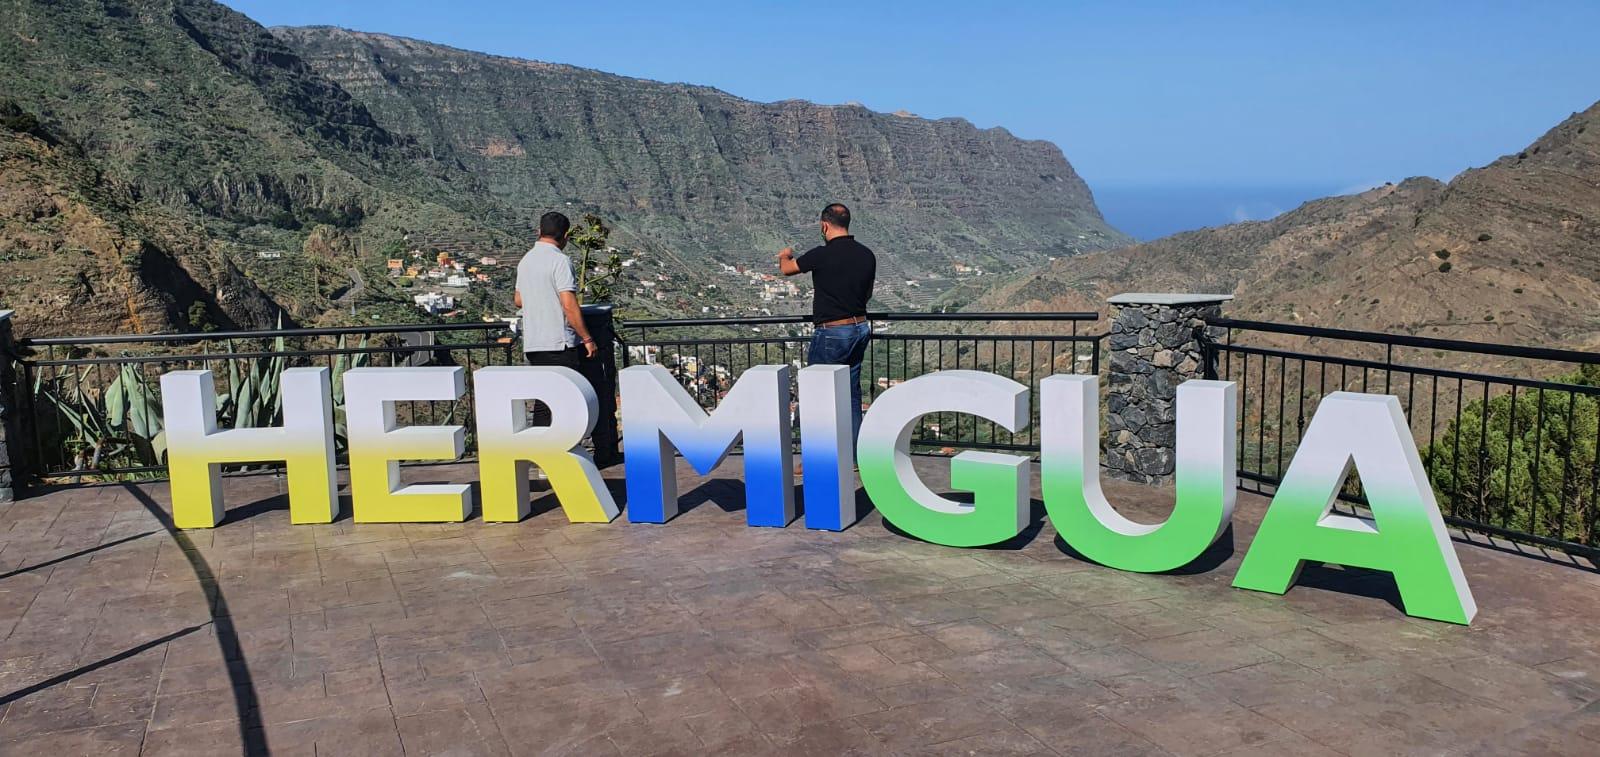 Mirador de Mulagua en Hermigua. La Gomera / CanariasNoticias.es